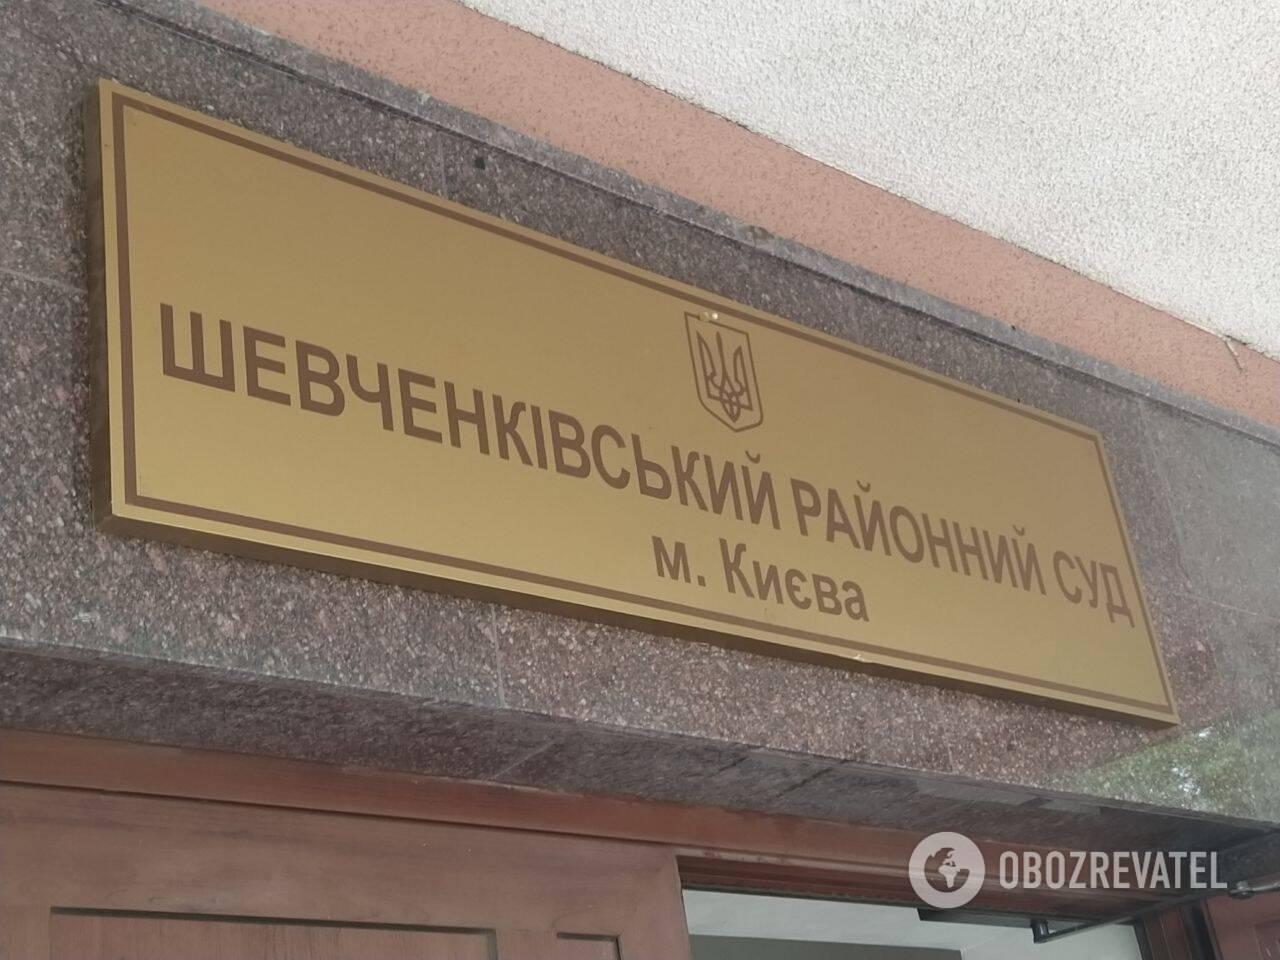 Суд арештував підозрюваного у скоєнні ДТП у Києві із чотирма загиблими Желепу. Суд